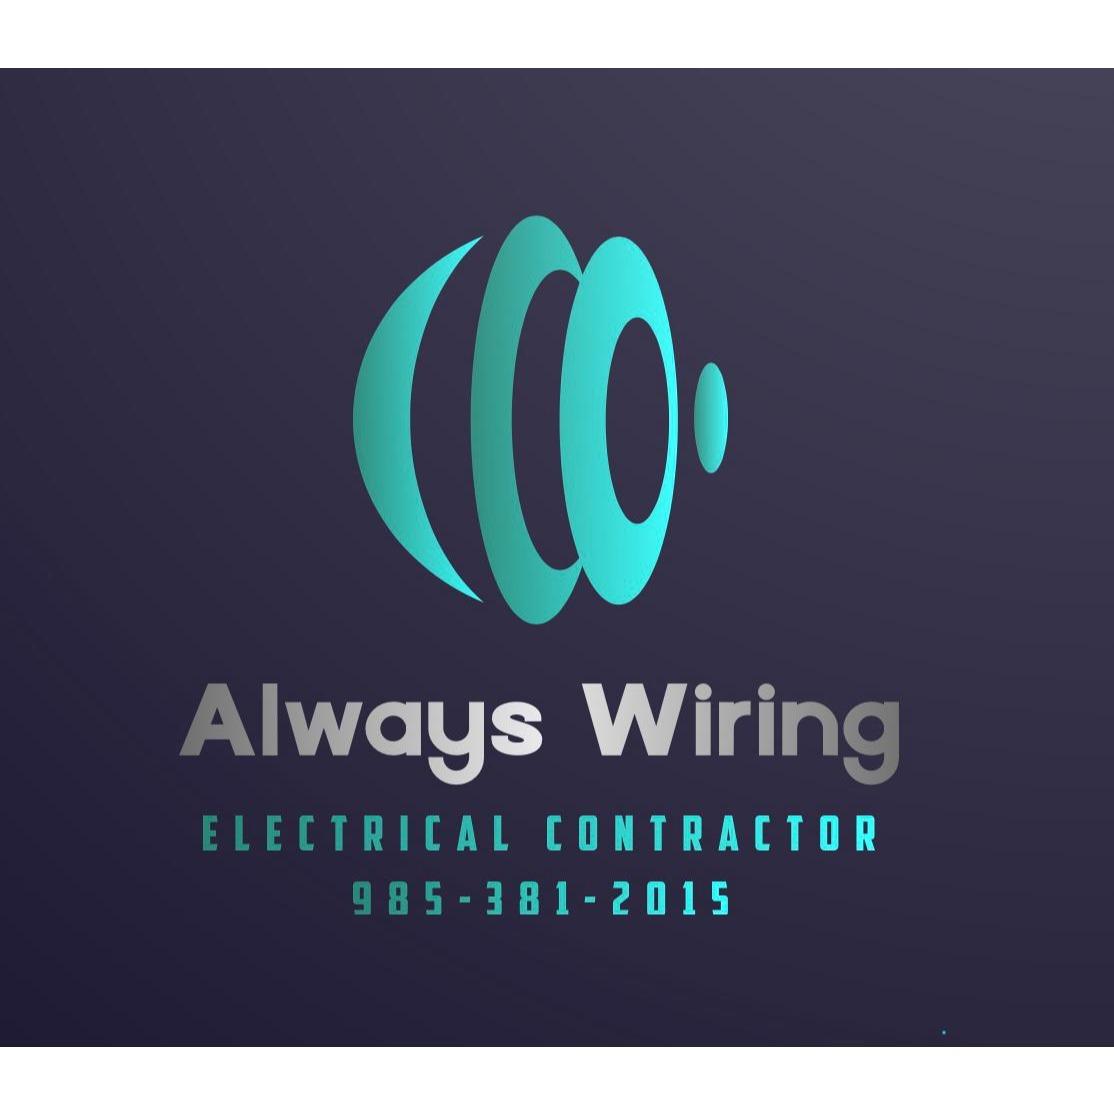 Always Wiring